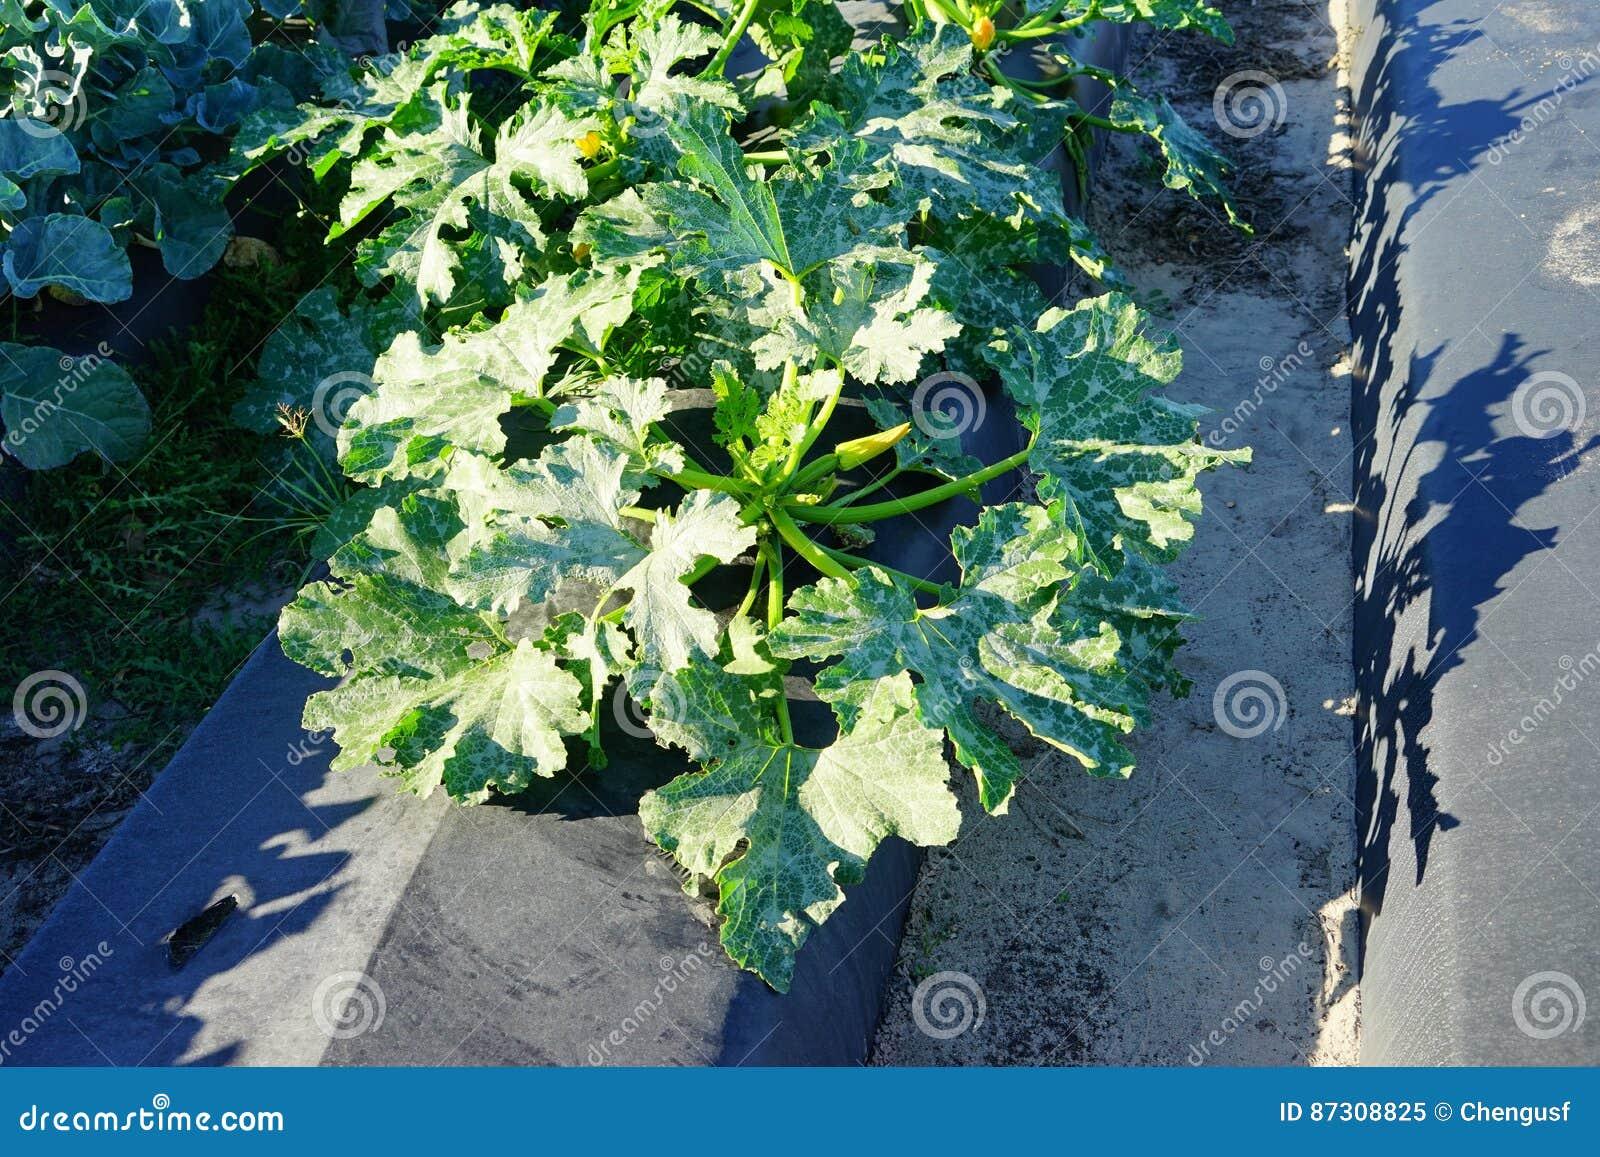 Recolte De Chou Fleur Image Stock Image Du Earth Cour 87308825